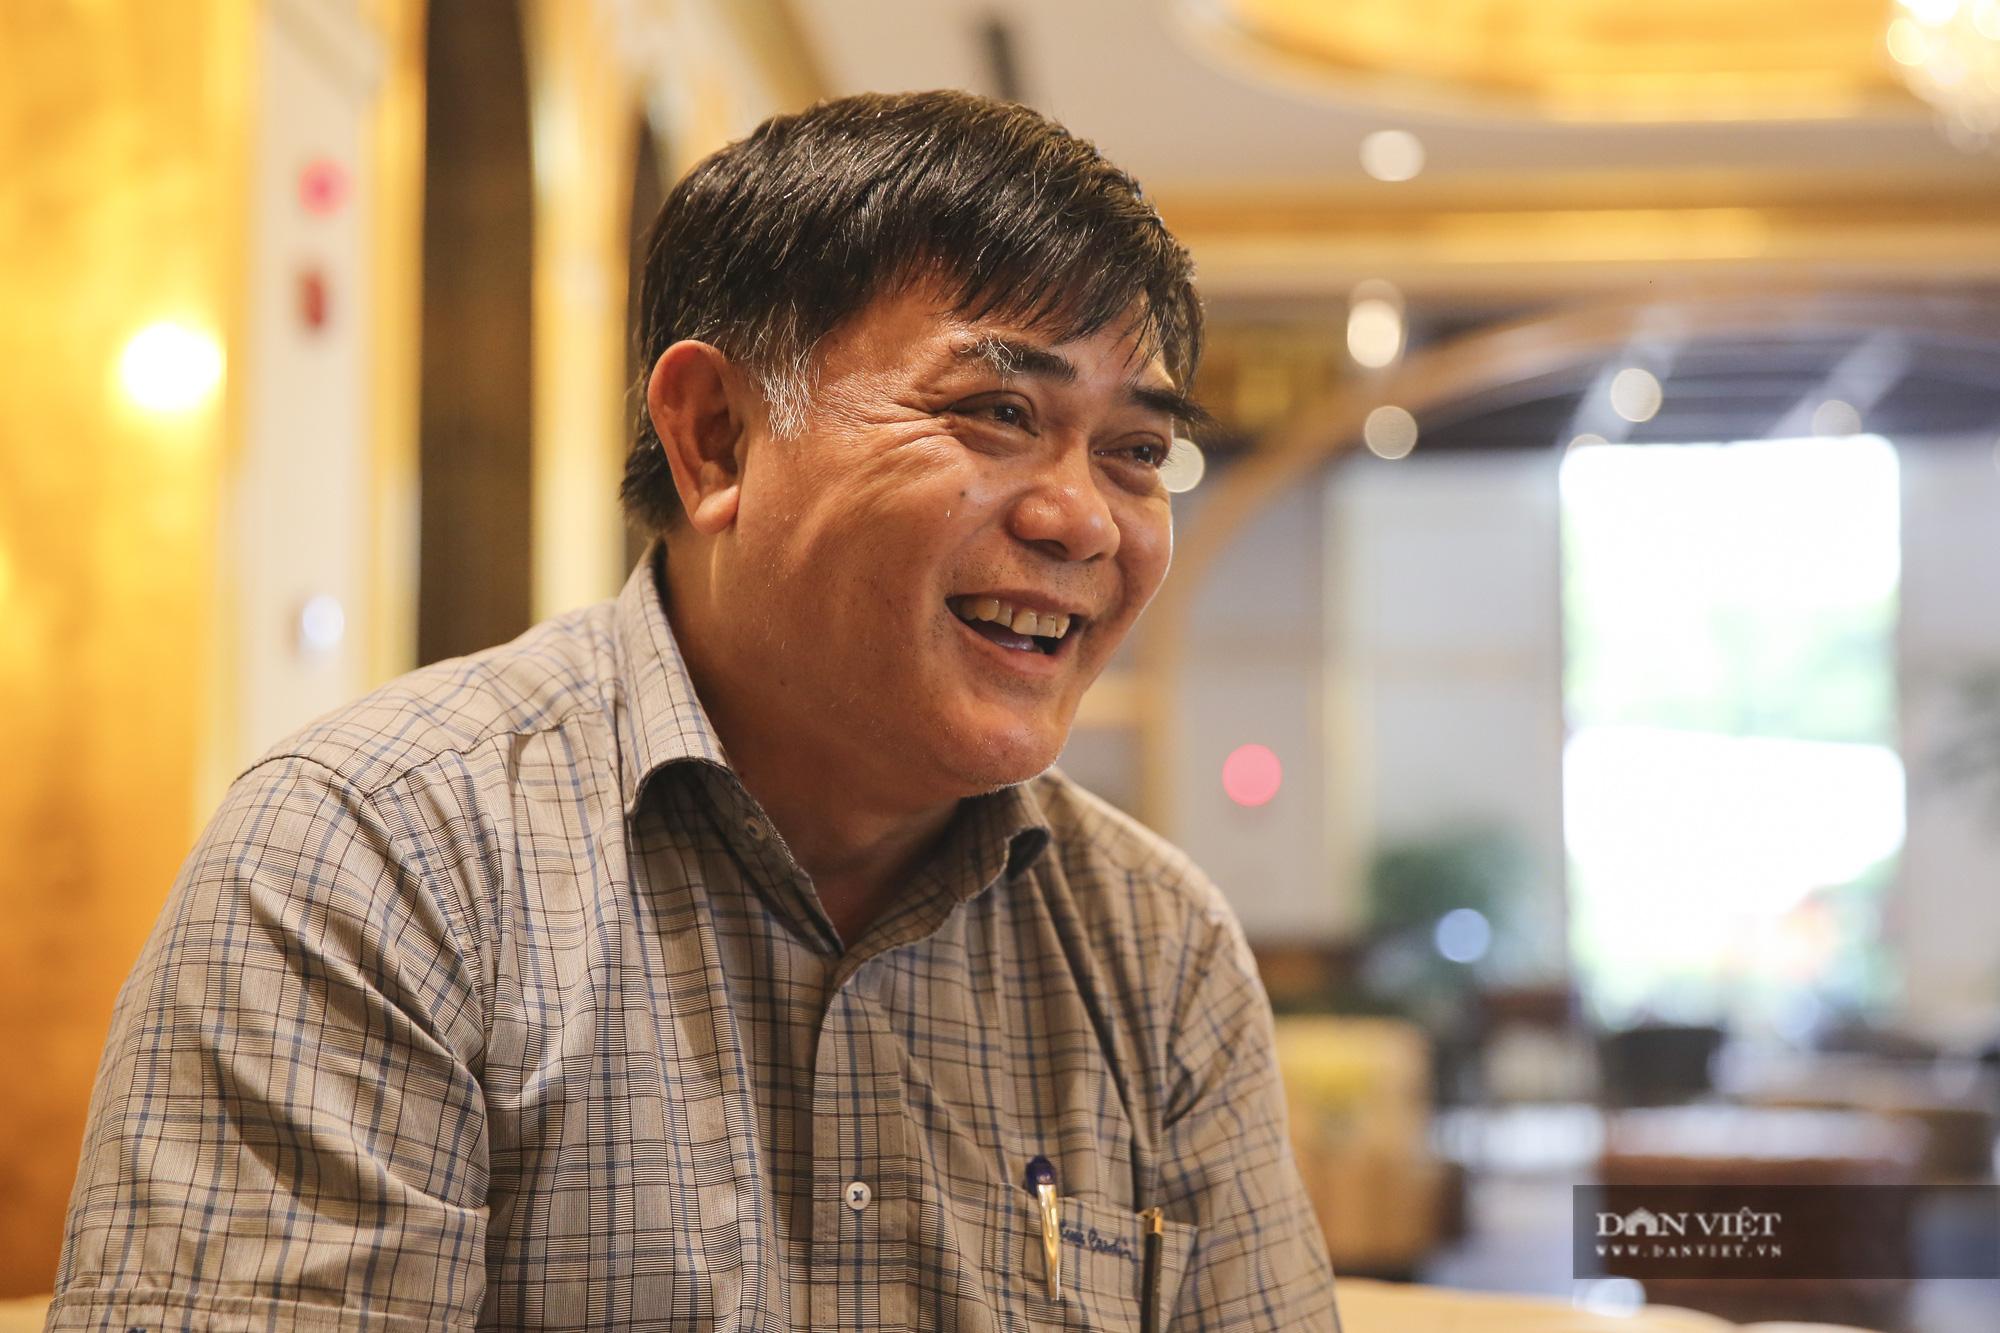 Cận cảnh khách sạn đạt kỷ lục dát nhiều vàng 24k nhất thế giới tại Hà Nội  - Ảnh 3.